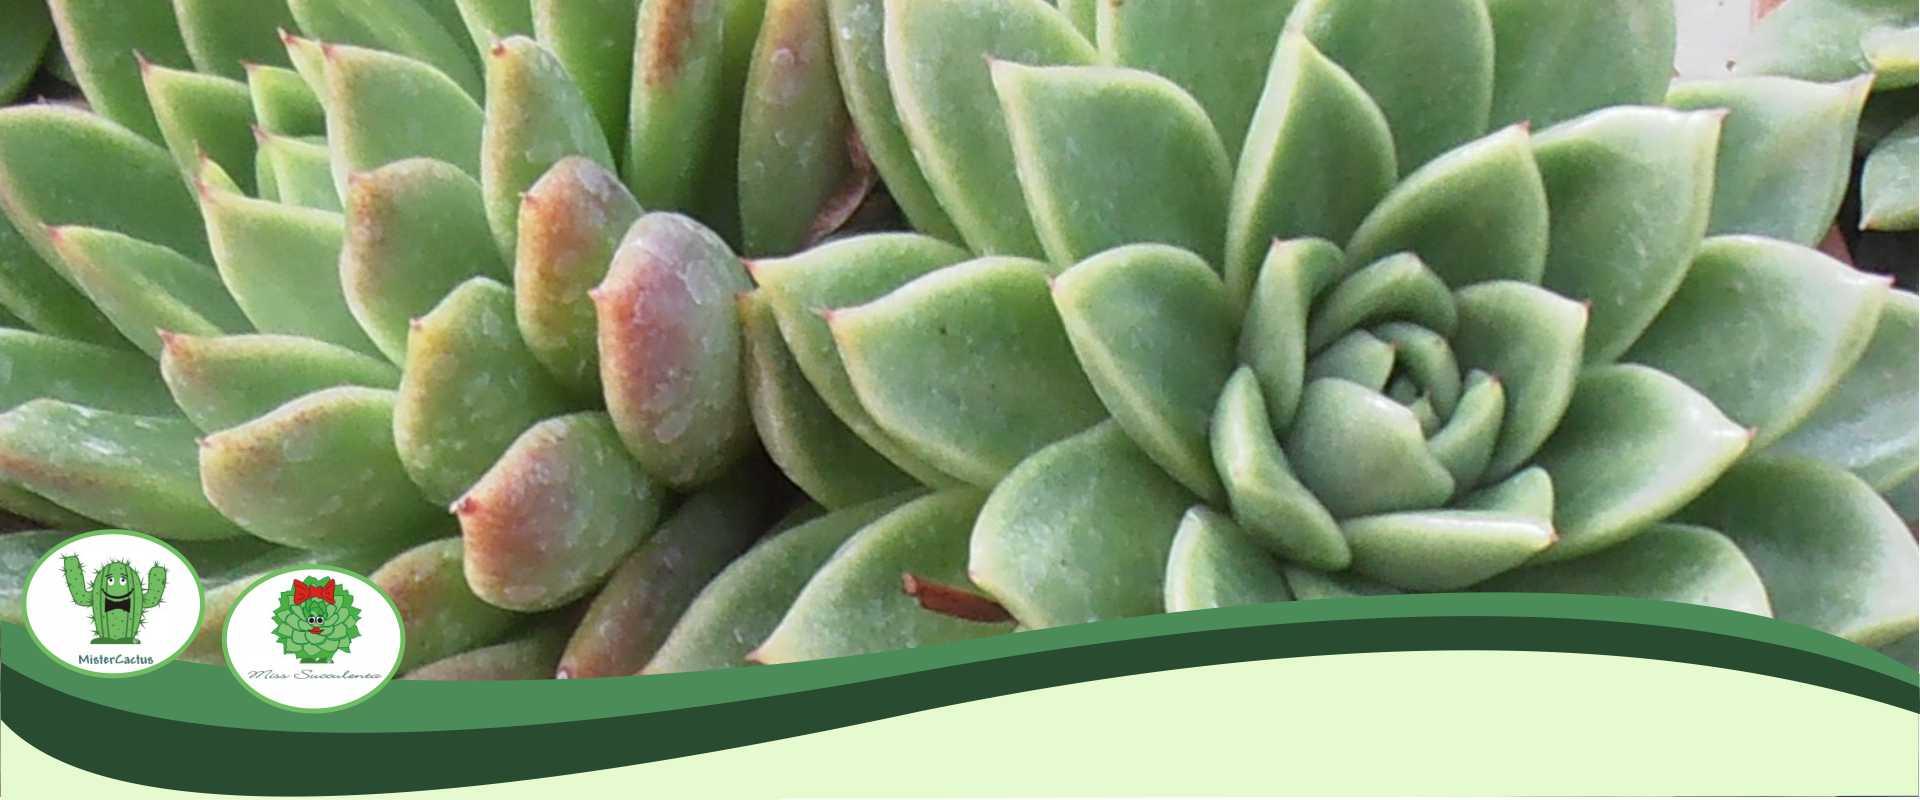 Coltivazione Vendita Piante Grasse Cactus Succulente Sanremo Imperia Savona | Ingrosso Produzione Import Export Piante Grasse Cactus Succulente Italia Francia Nord Europa Nord Italia Centro Italia | AG SANREMO